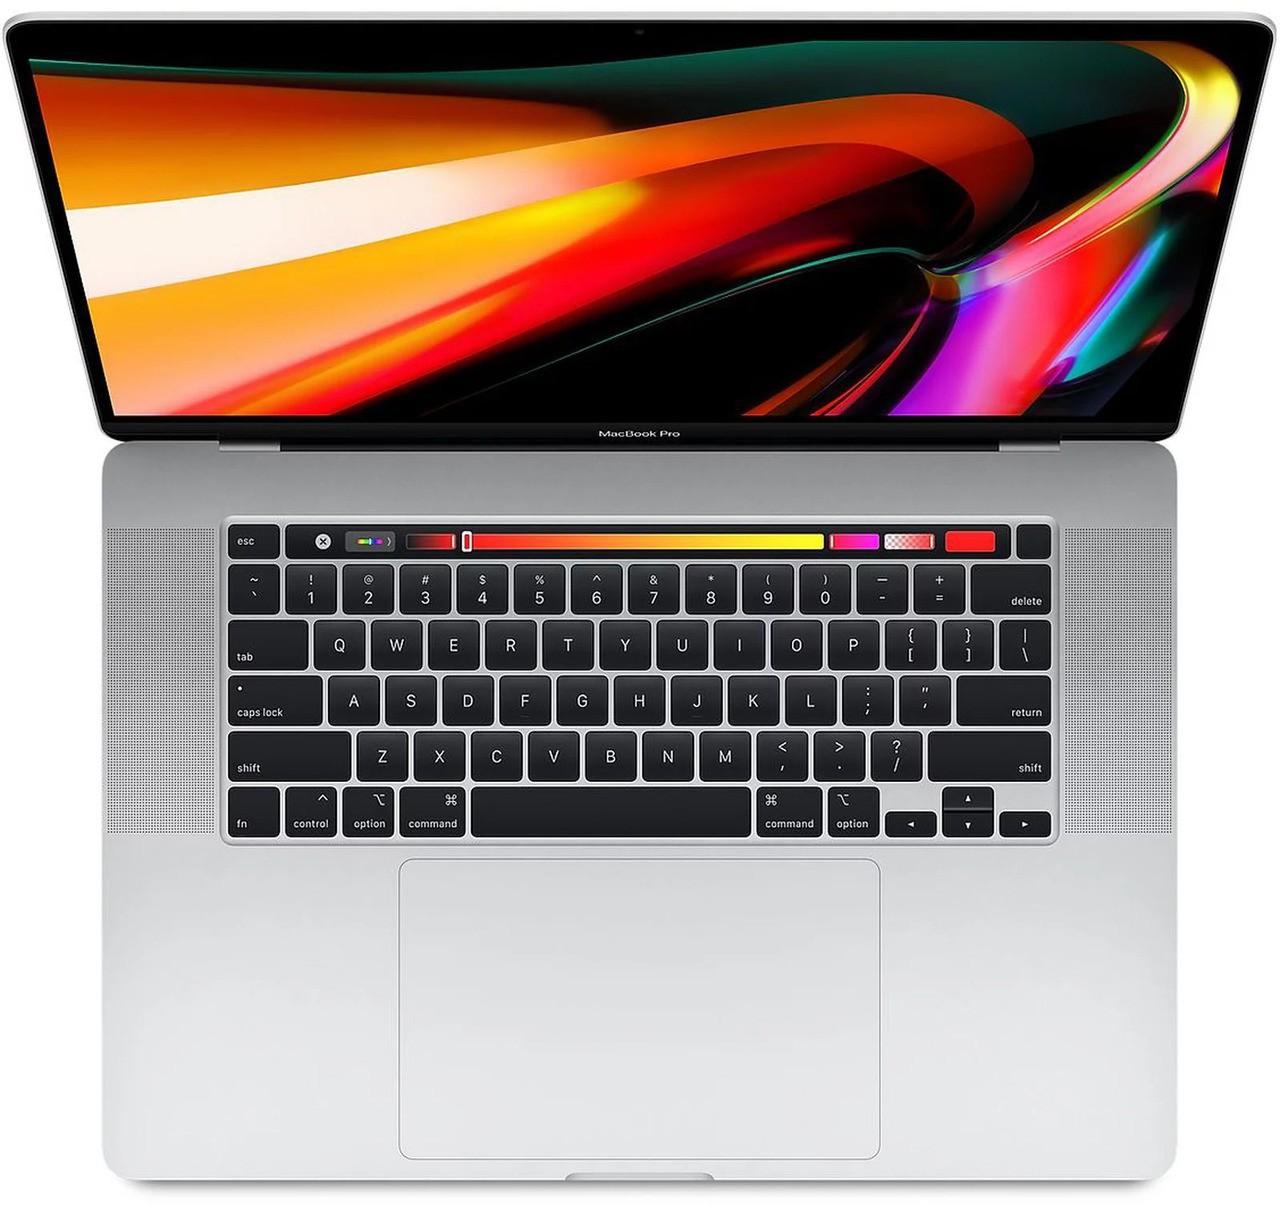 16 inch macbook pro orange background